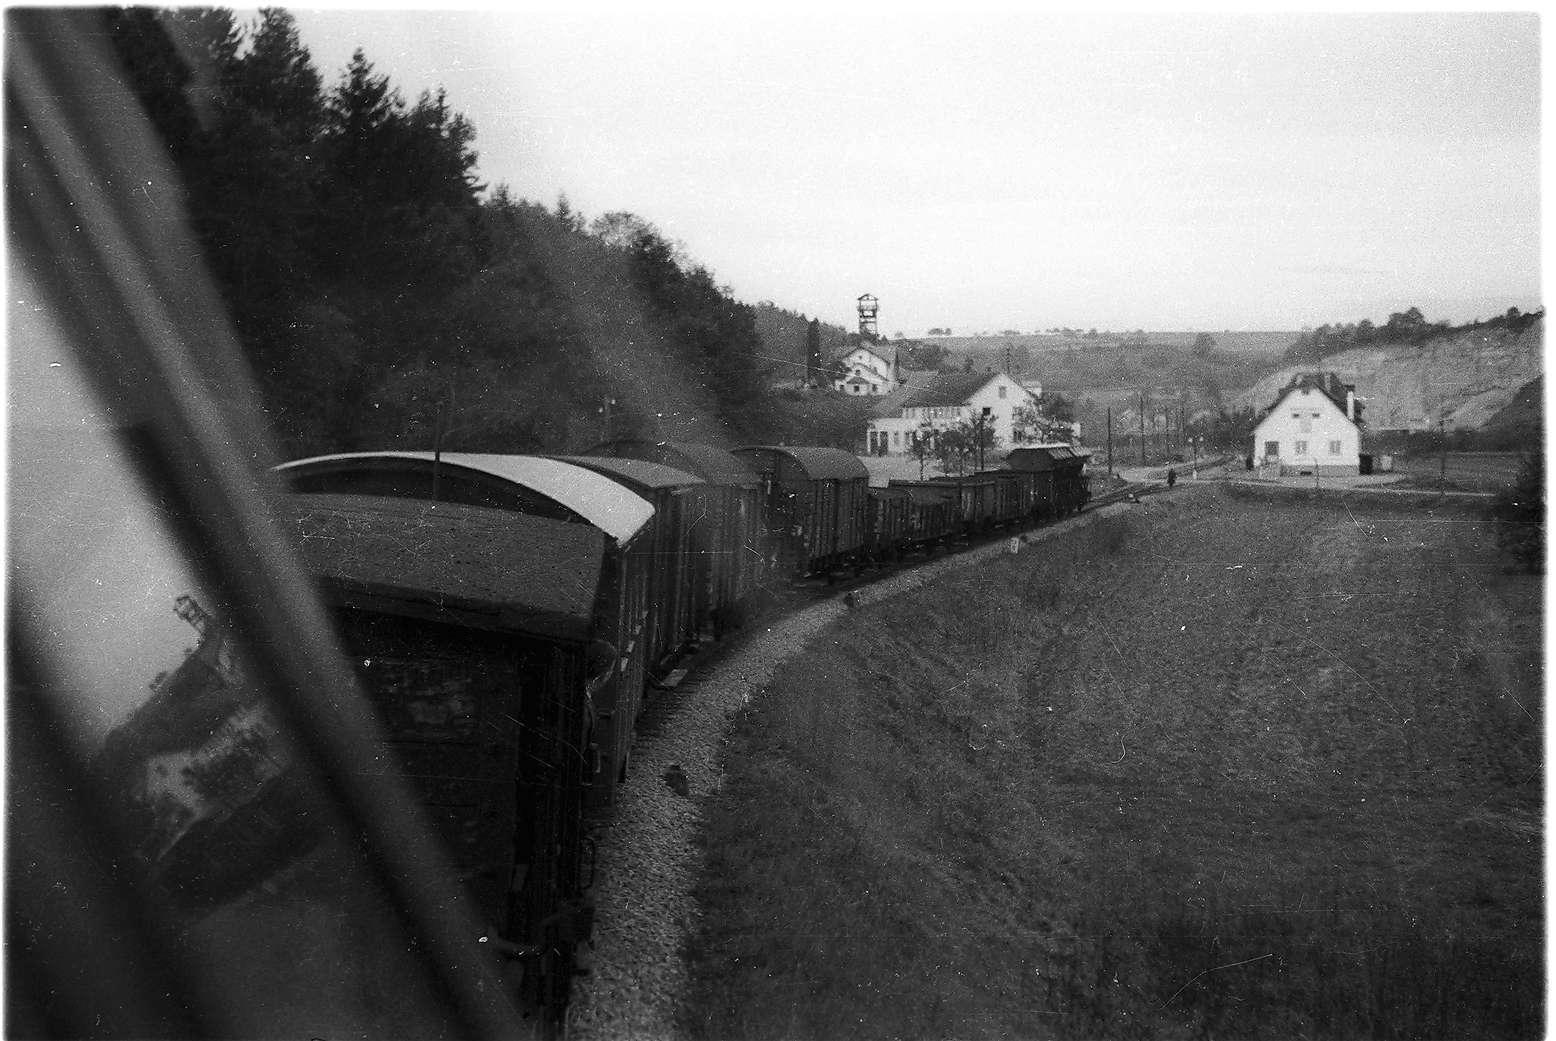 Bahnhof Stetten bei Haigerloch, Blick vom Führerhaus auf den Güterzug mit Stückgutbeförderung G (St) 305 W; Förderturm des Salzwerks 1854 - 1990 (abgebrochen), Bild 1